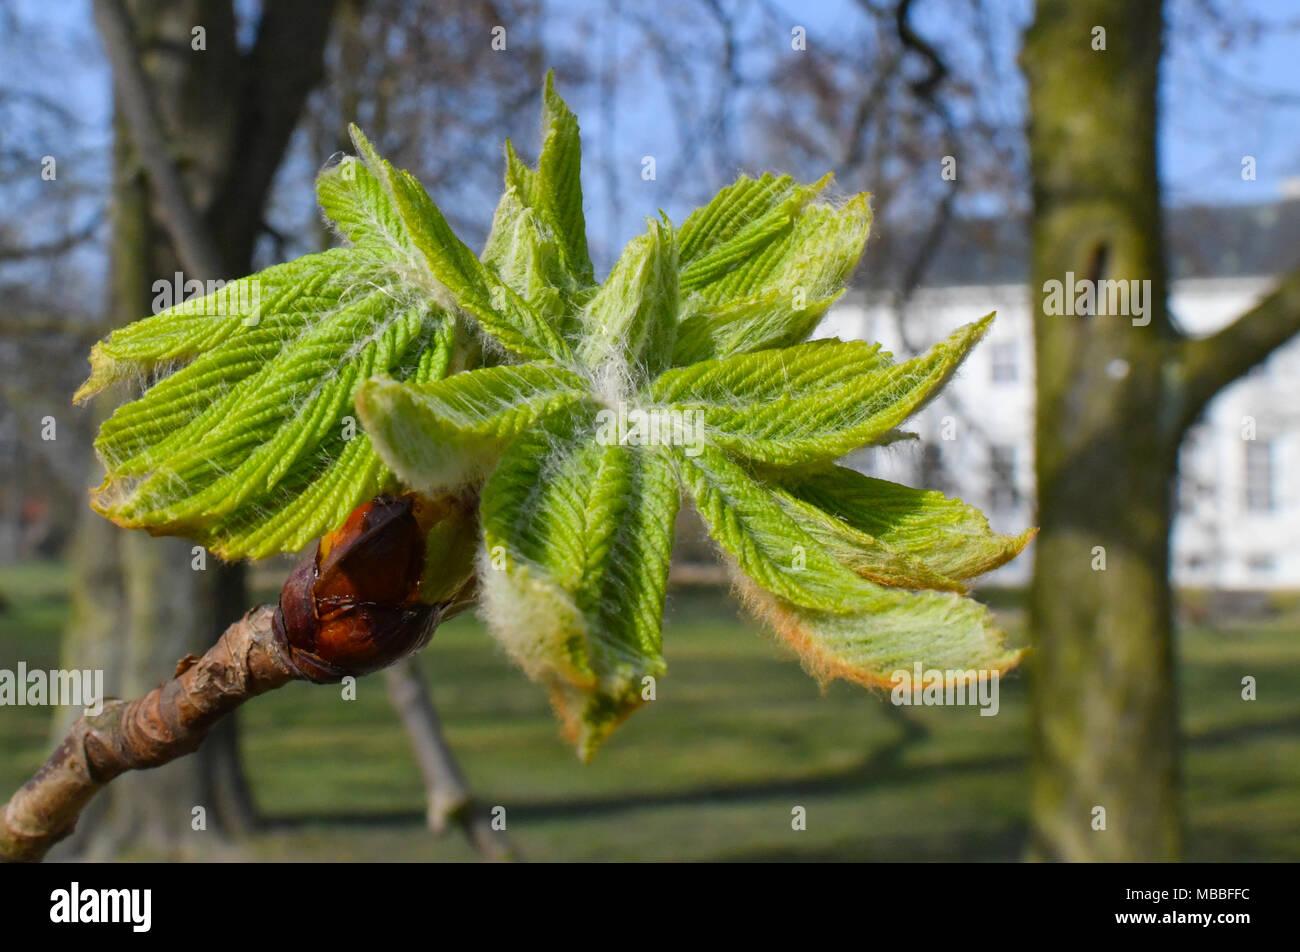 10 avril 2018, l'Allemagne, l': Neuhardenberg vert clair d'un bourgeon de châtaignier brille dans le parc du château. Aujourd'hui va être un jour de printemps chaud avec 20 degrés d'après les météorologistes. Photo: Patrick Pleul/dpa-Zentralbild/dpa Banque D'Images